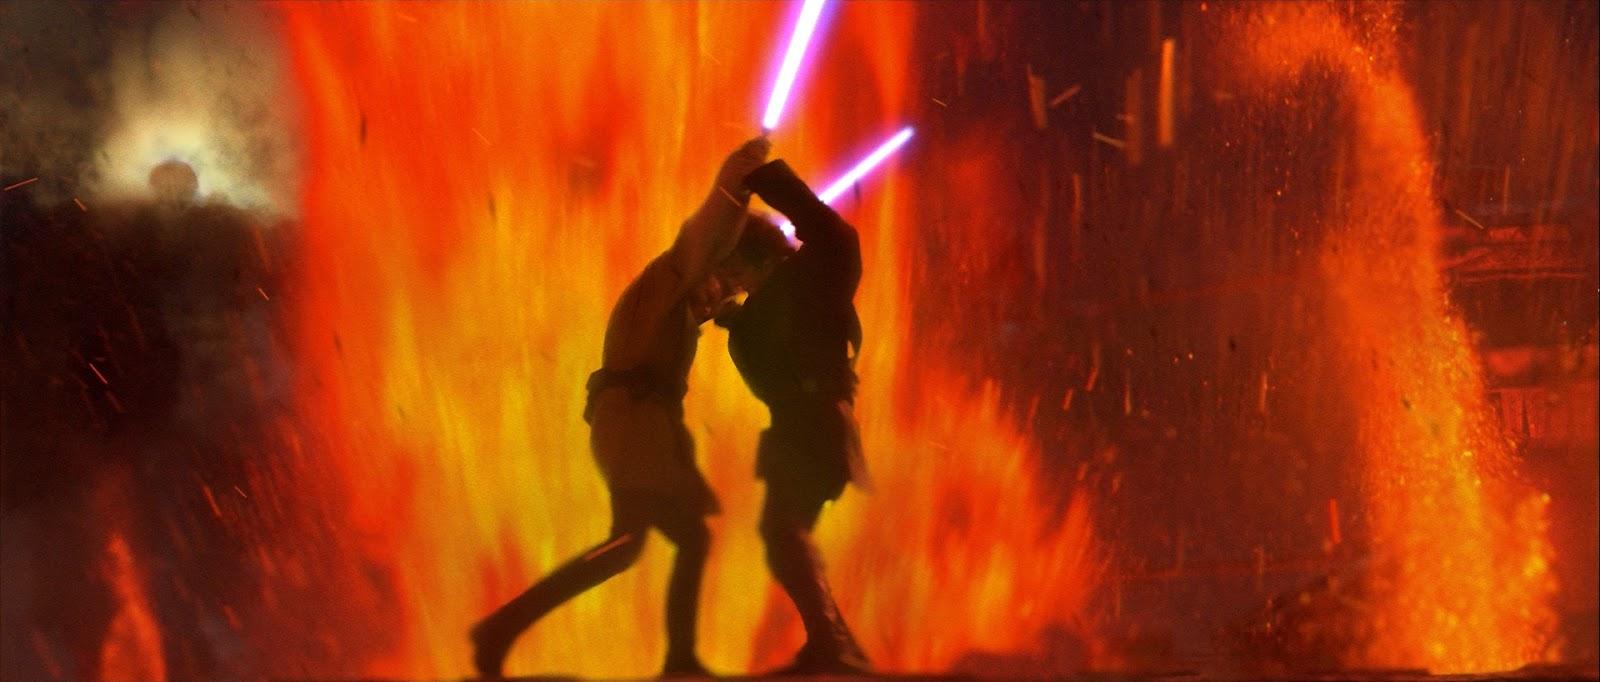 vader fights kenobi revenge of the sith